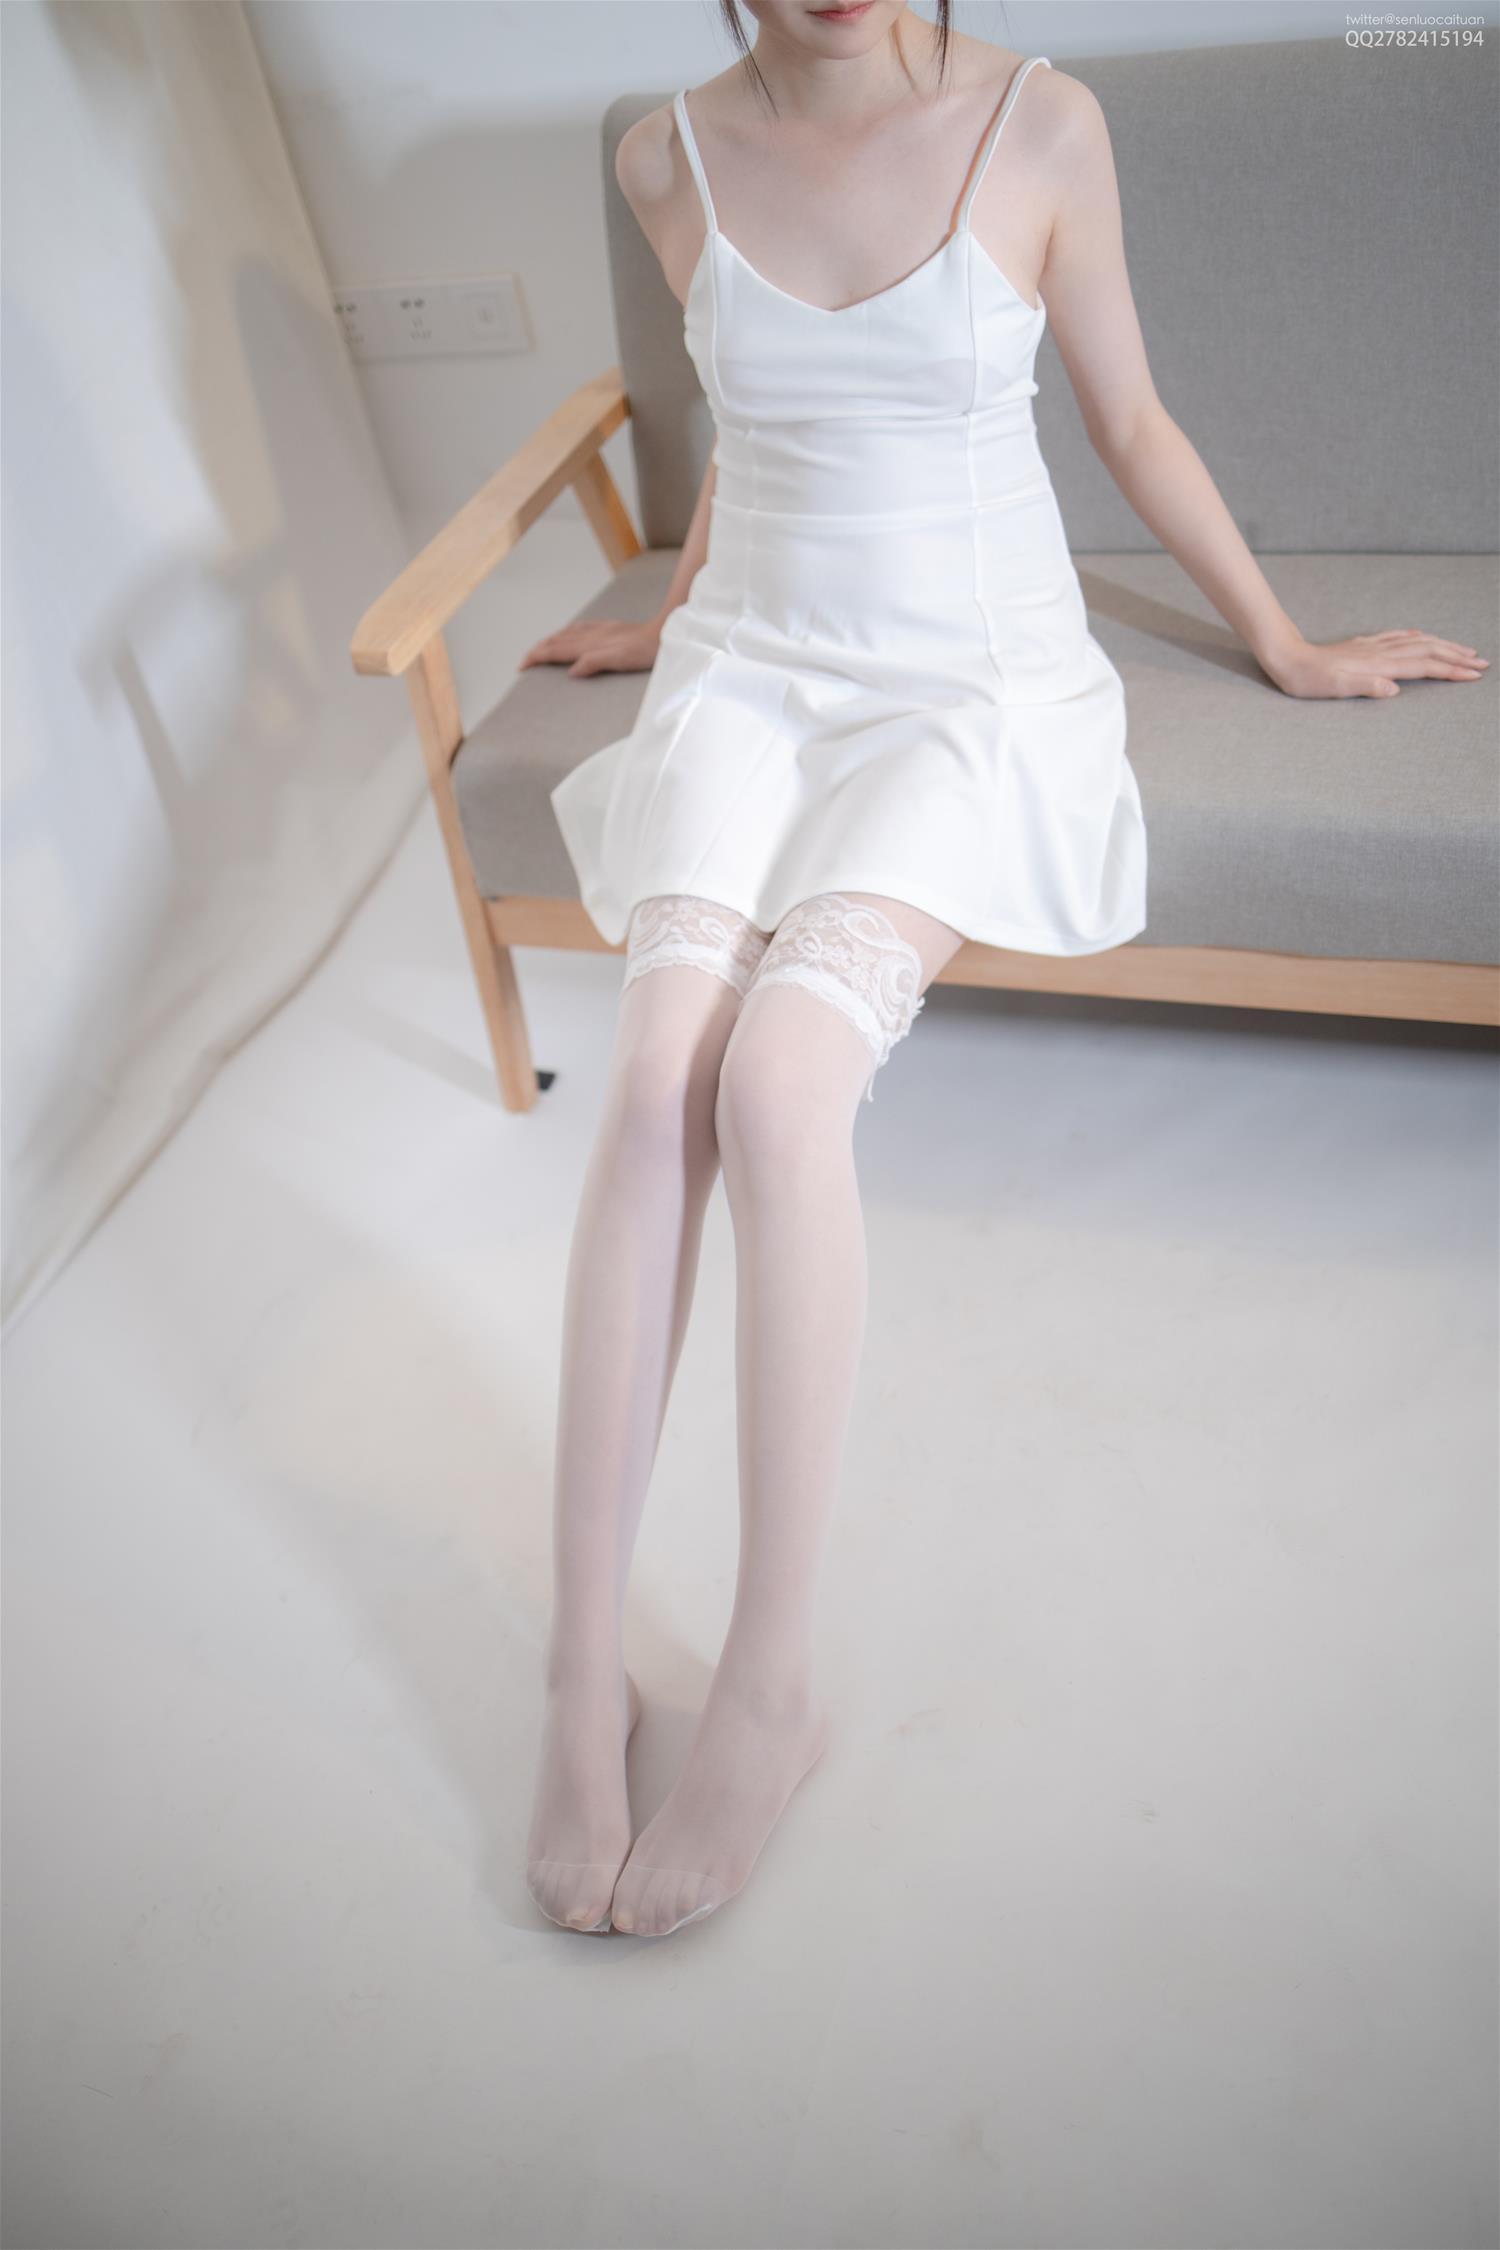 森萝财团 JKFUN-047 Aika 30D蕾丝边高筒袜(34P)